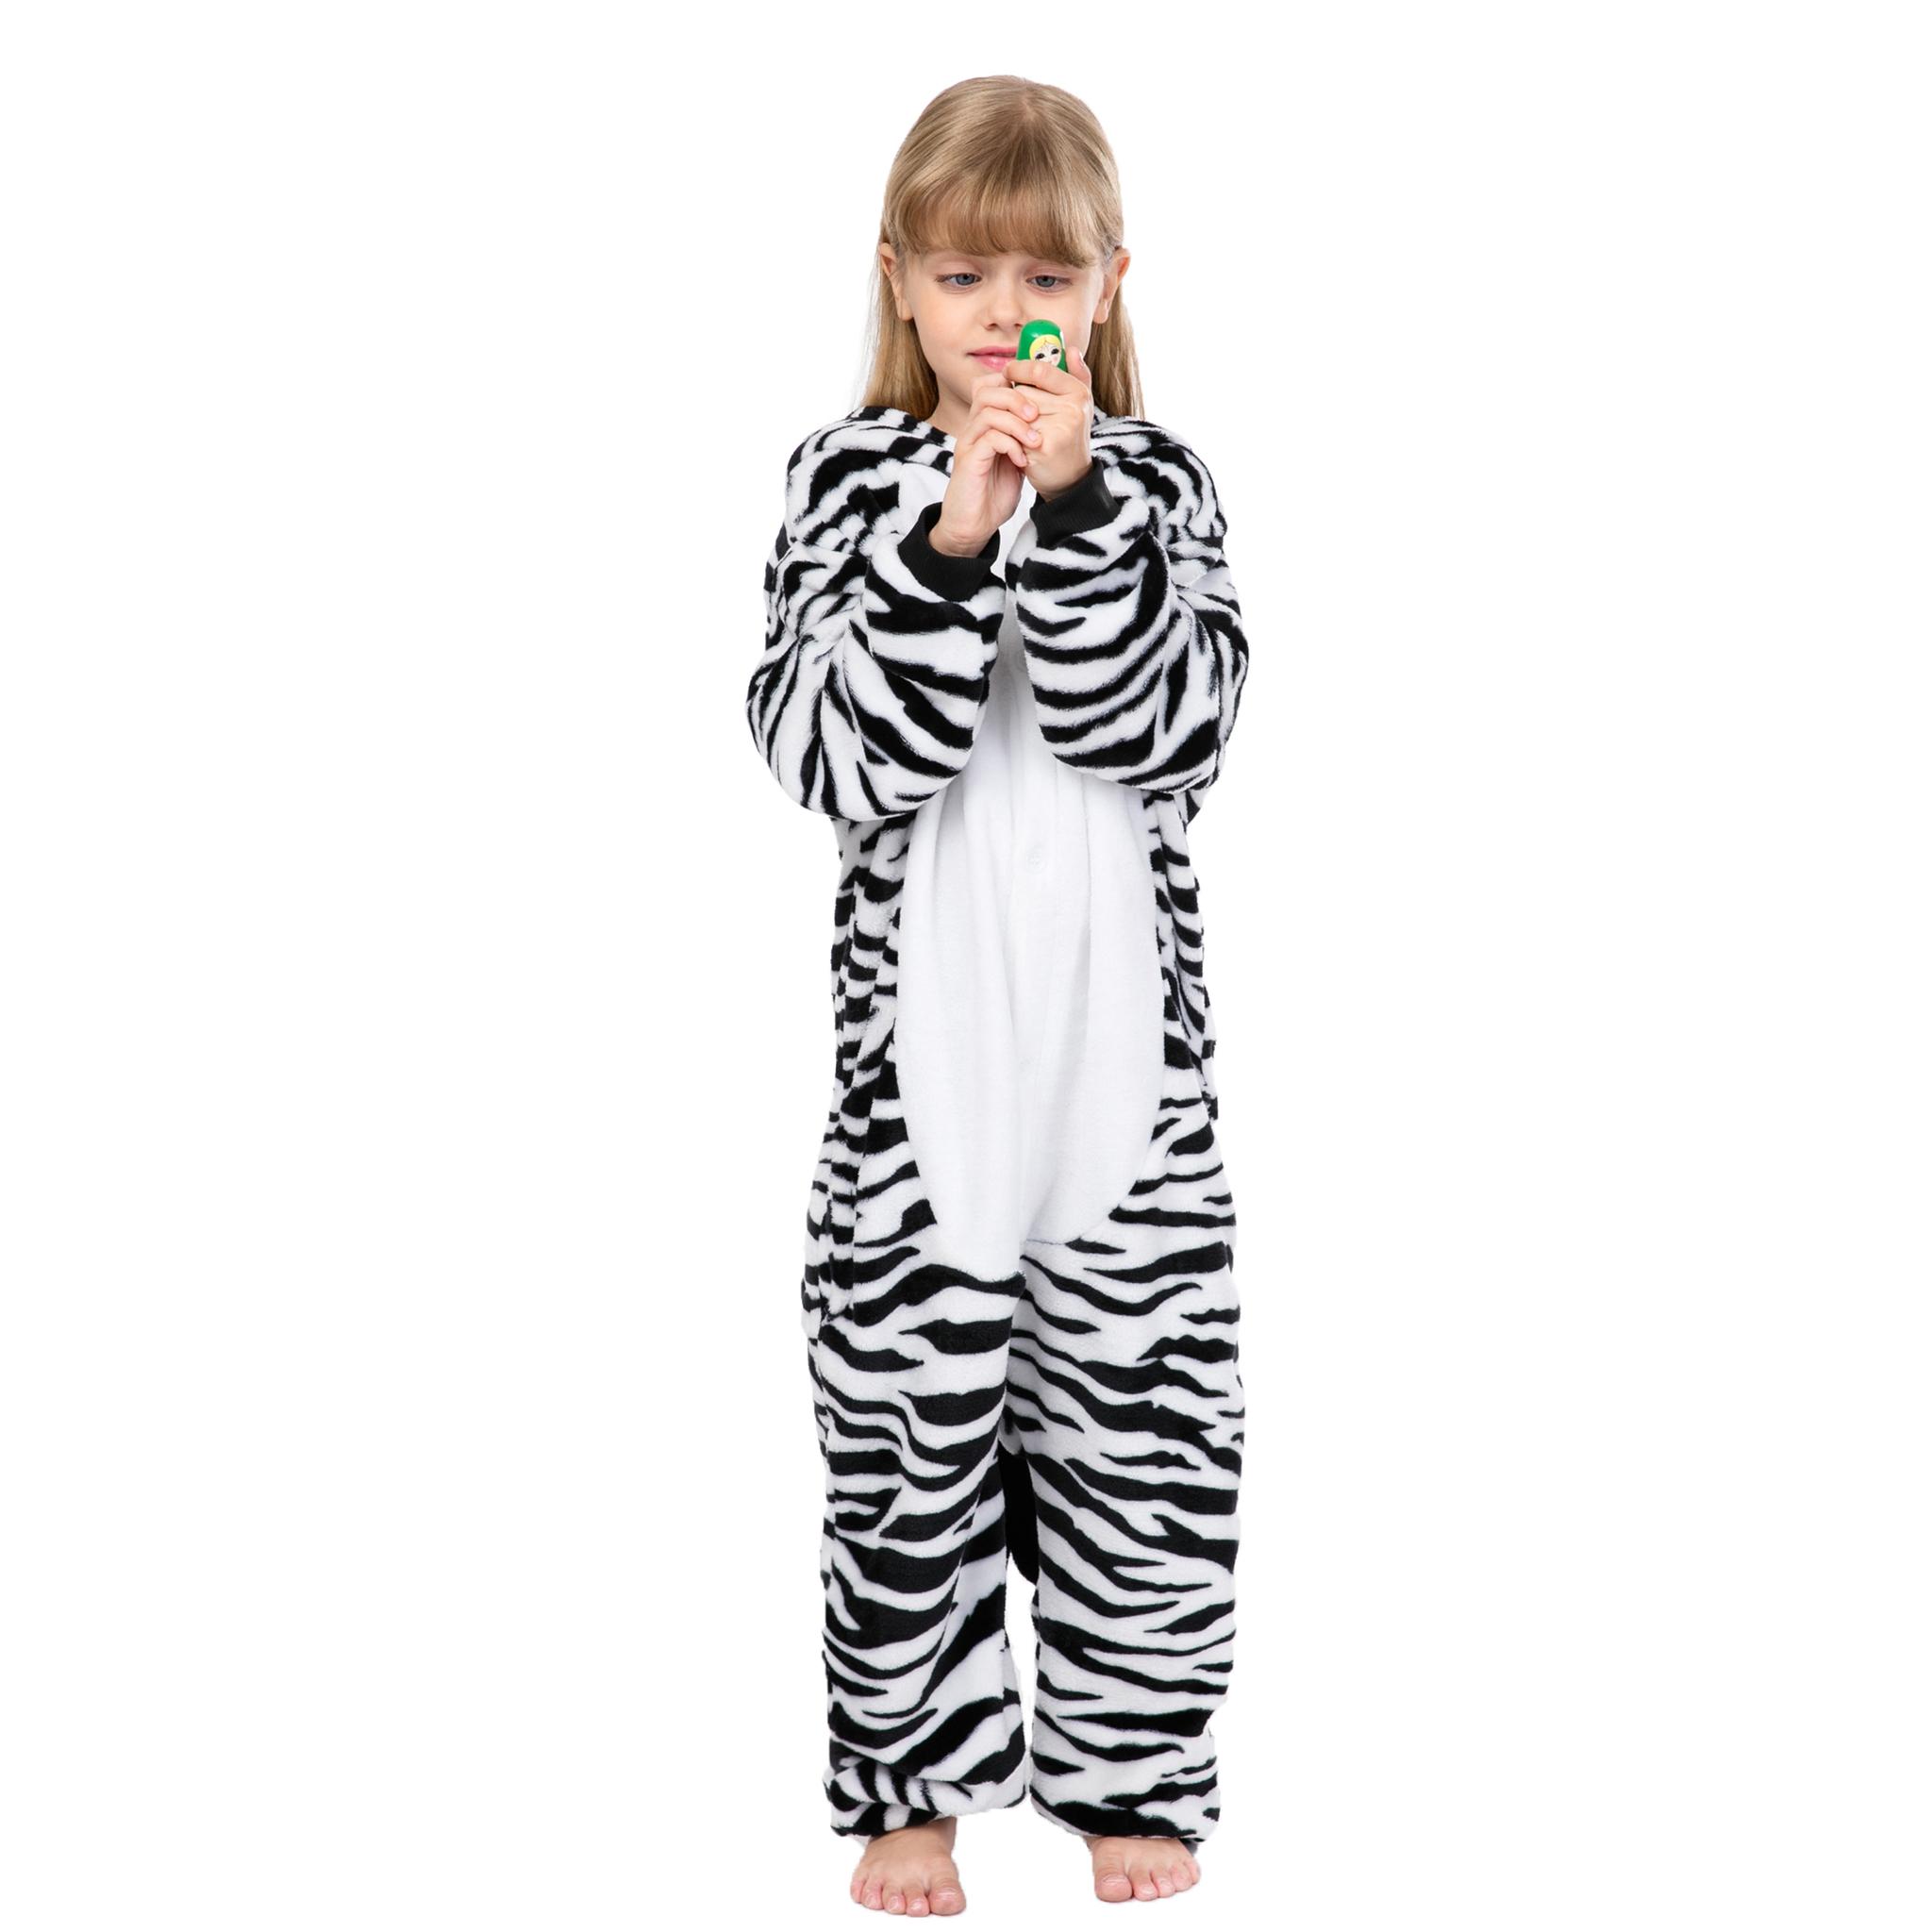 Пижамы для детей Зебра детская 1.jpg